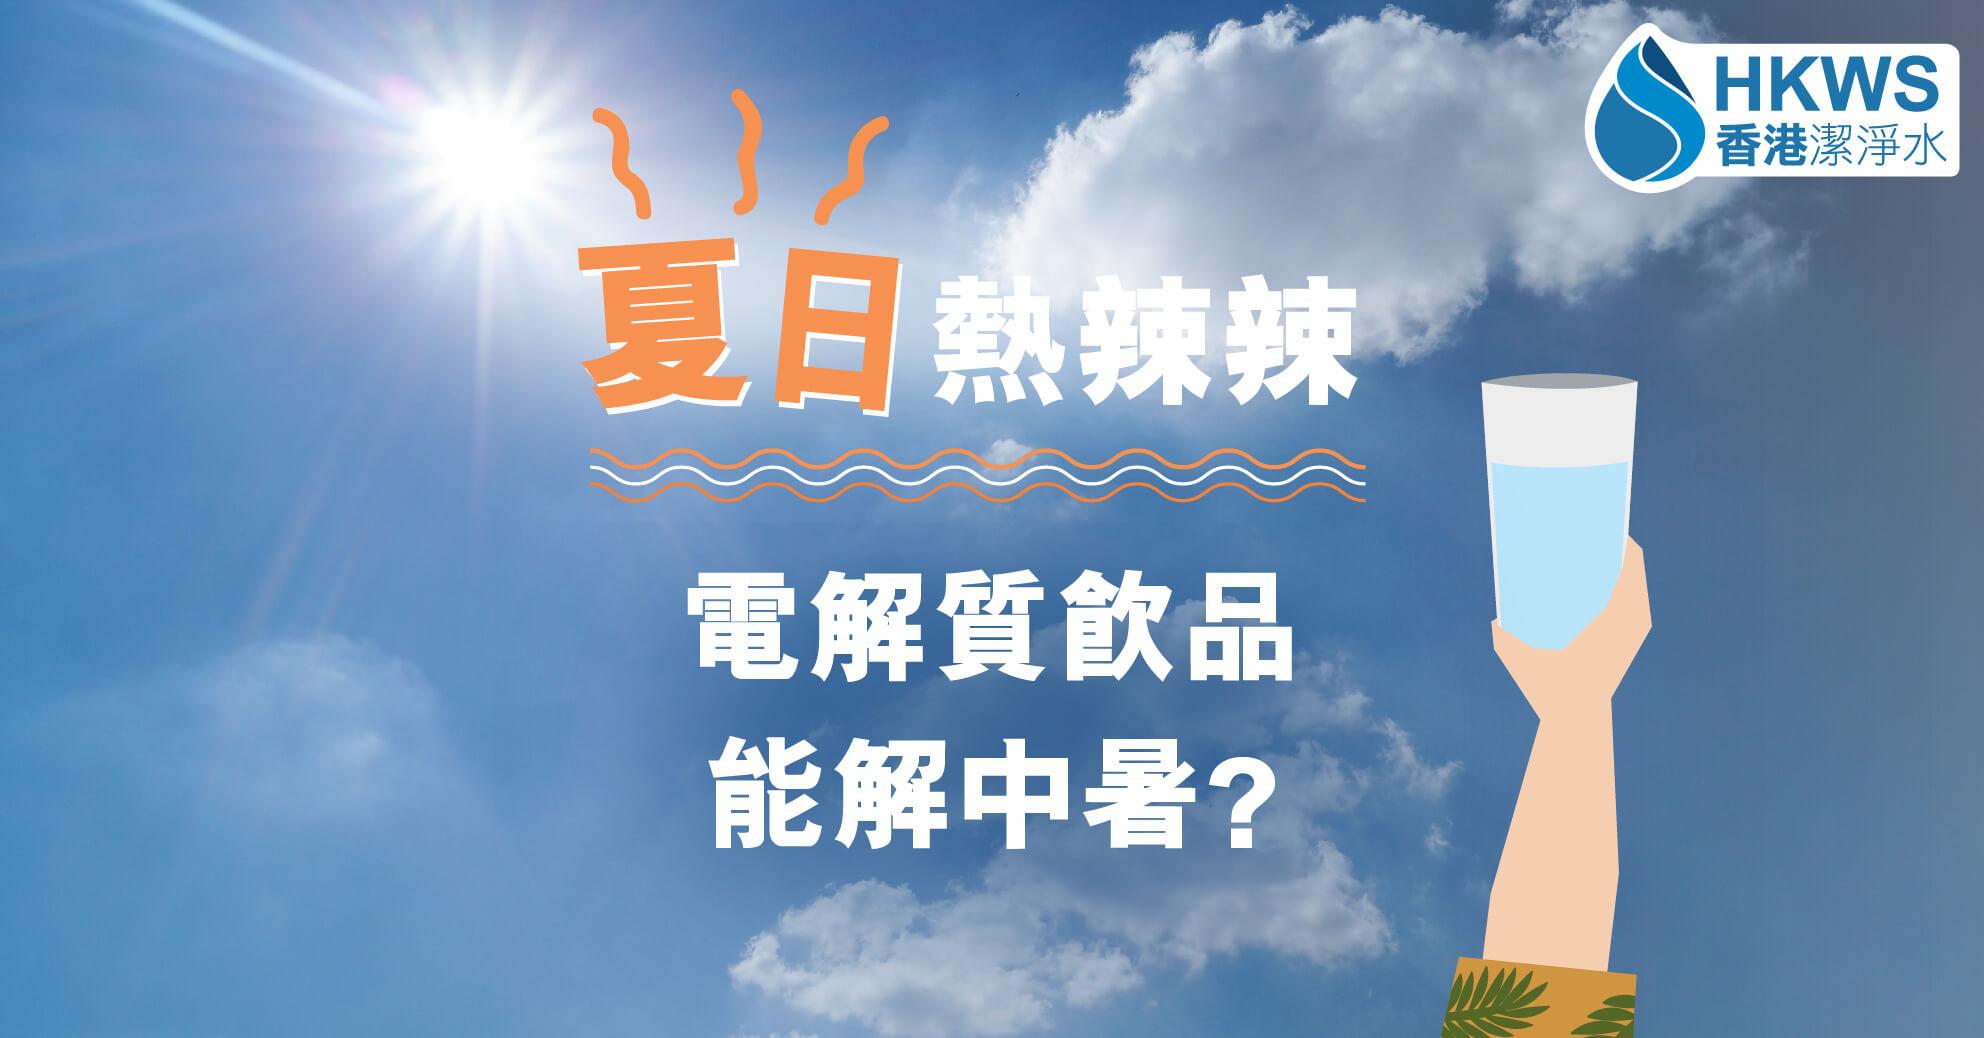 中暑說來便來~不要輕視徵狀,電解質飲品可有效補水!